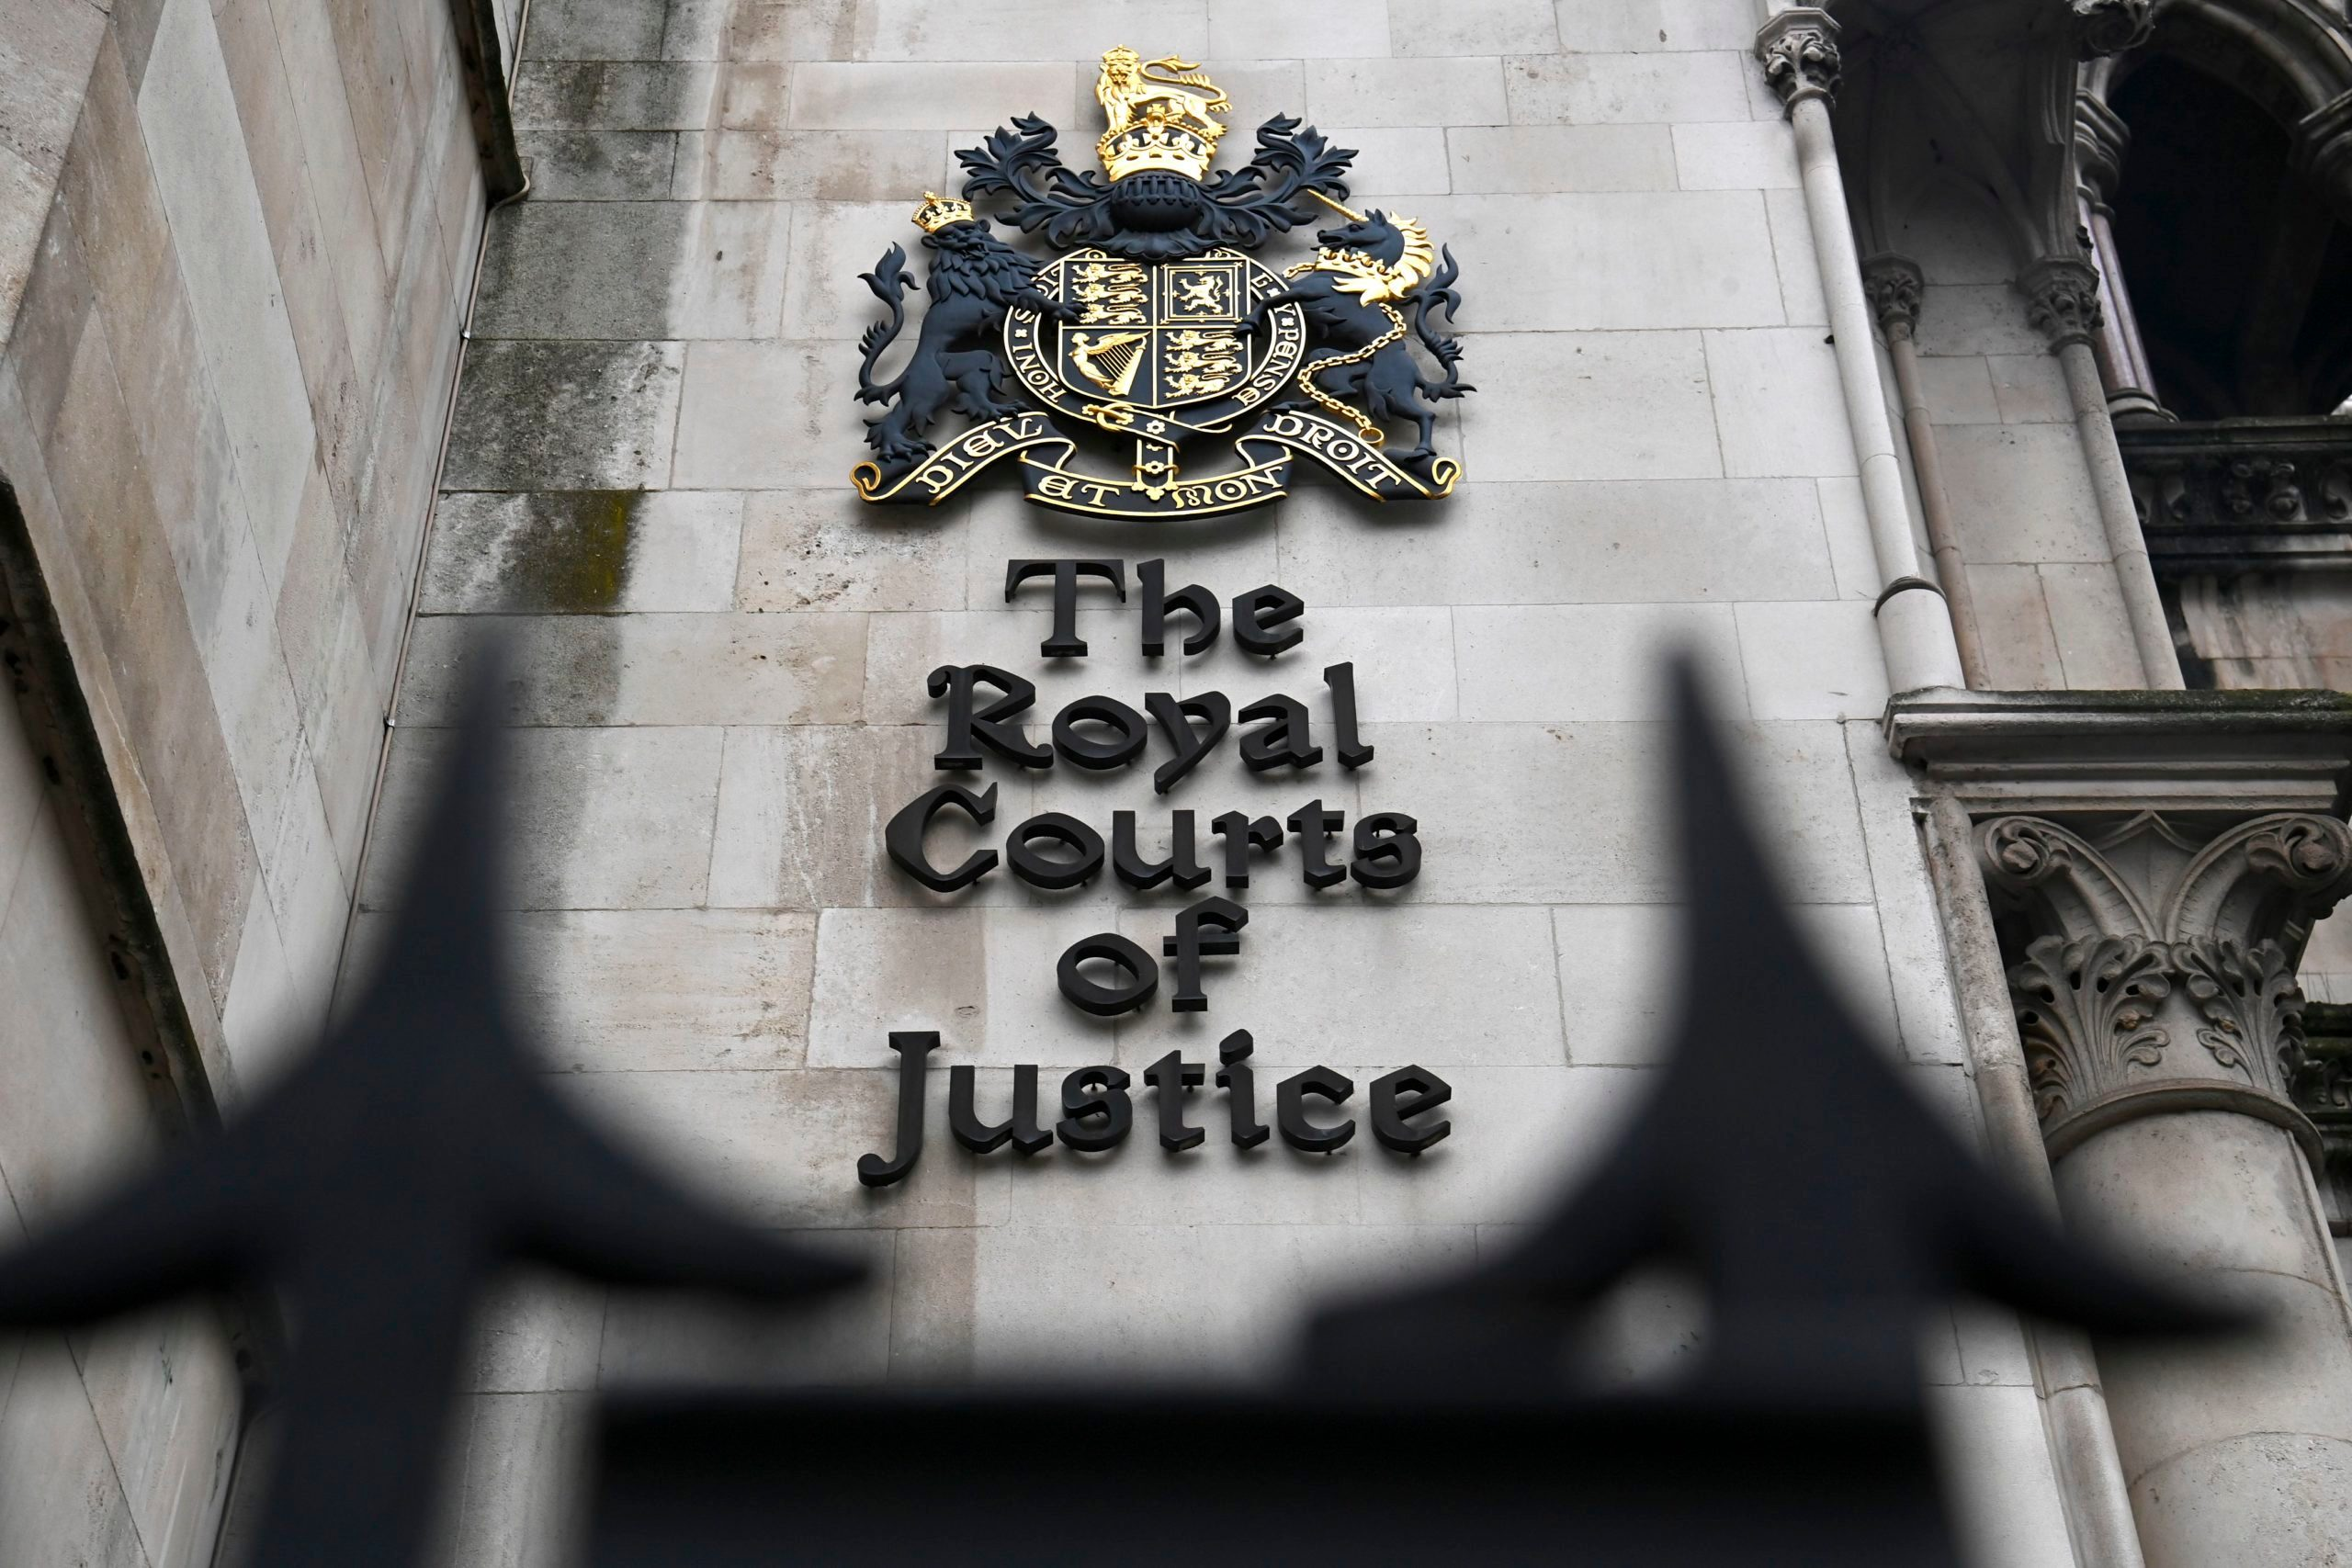 BRITAIN-ROYALS-COURT-MEDIA